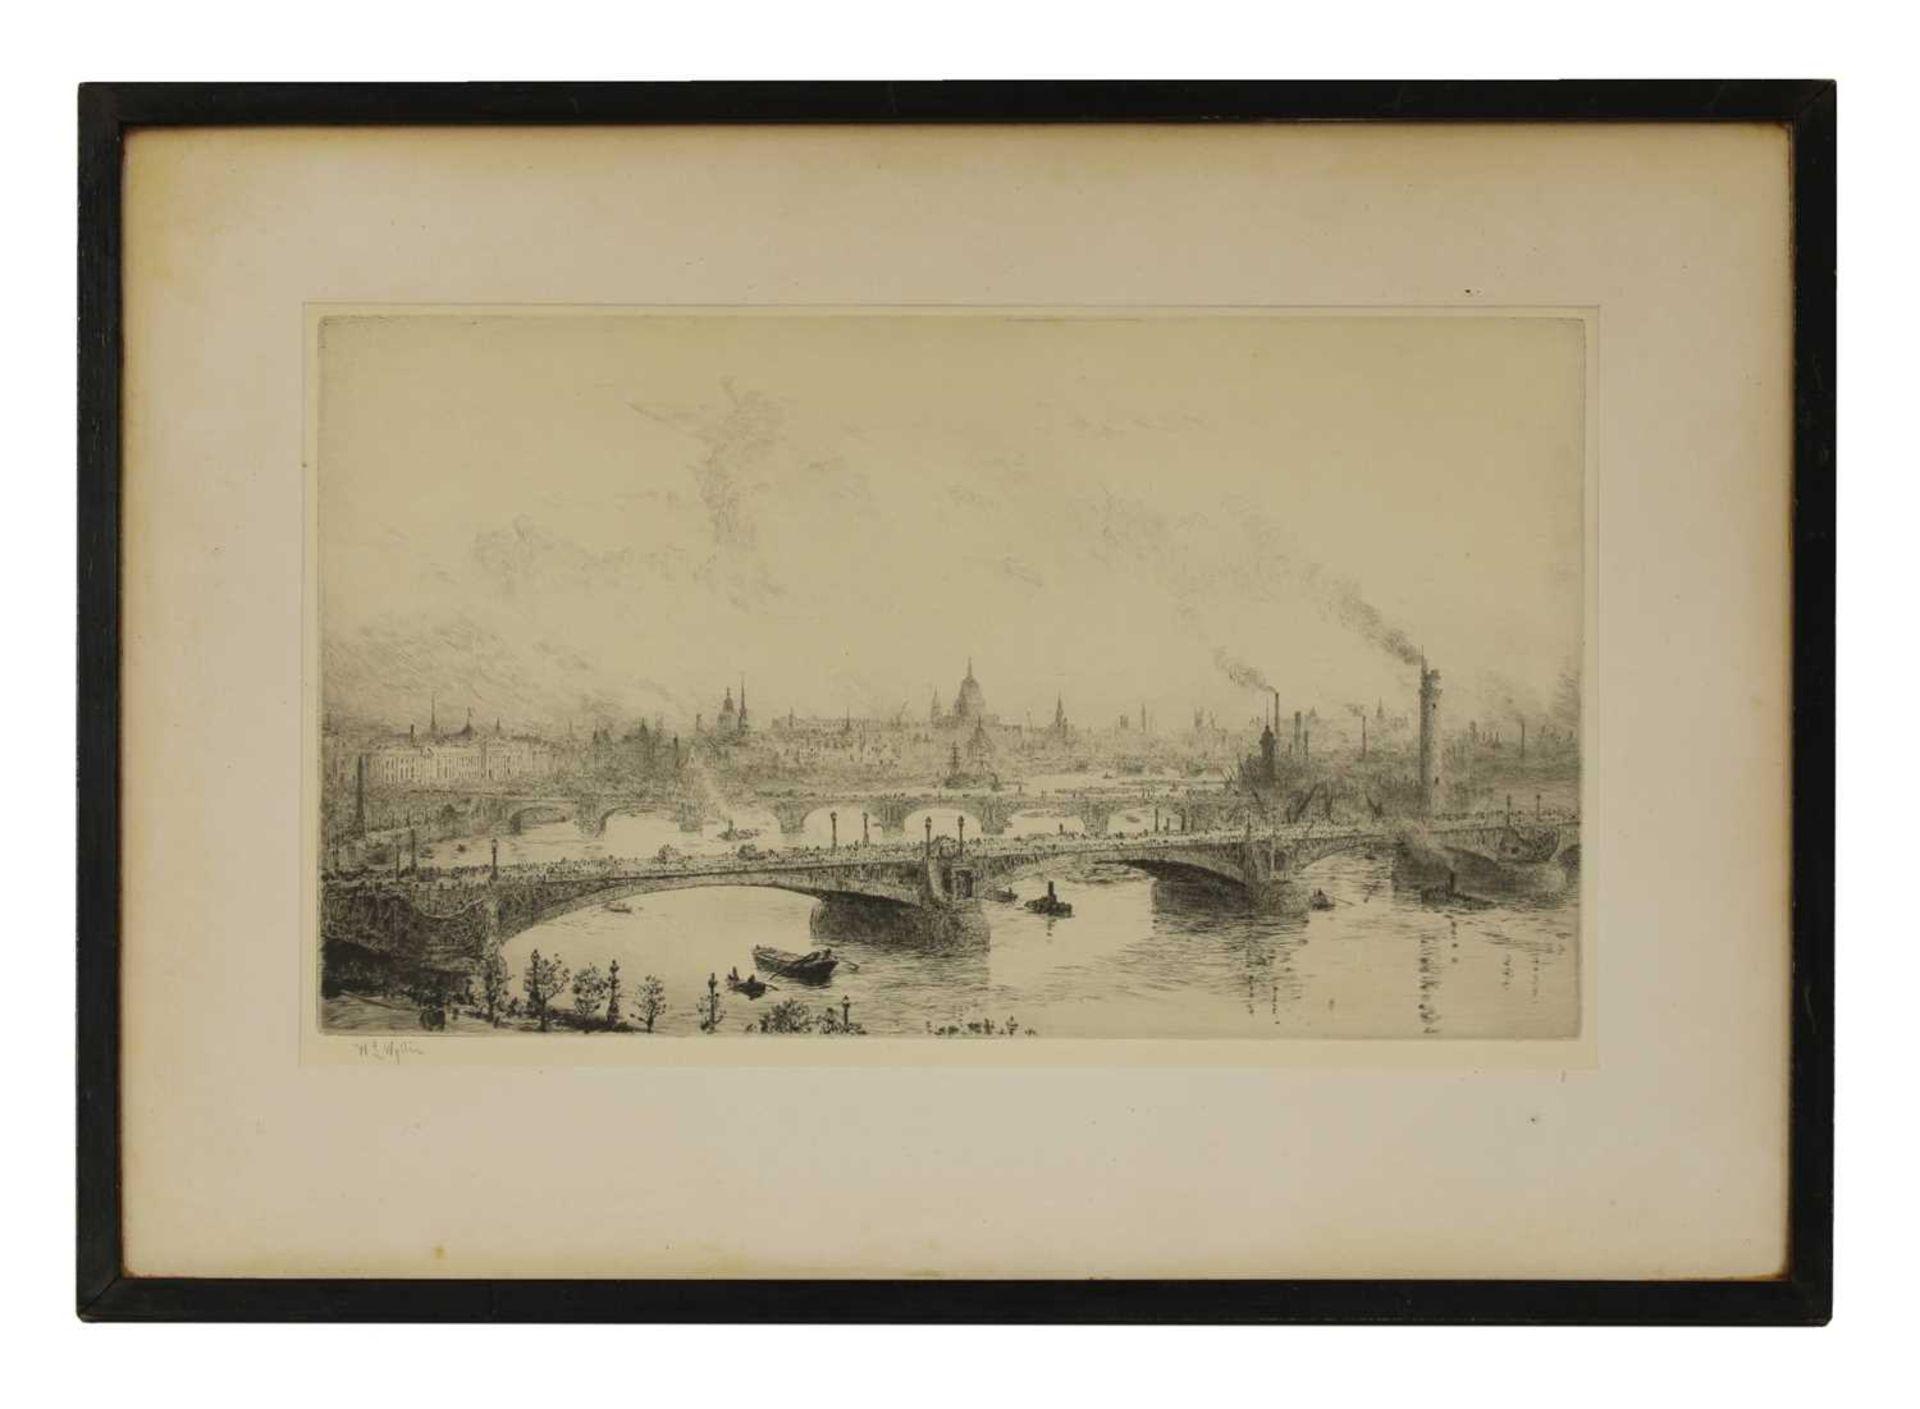 WILLIAM LIONEL WYLLIE (1851-1931 - Image 2 of 2